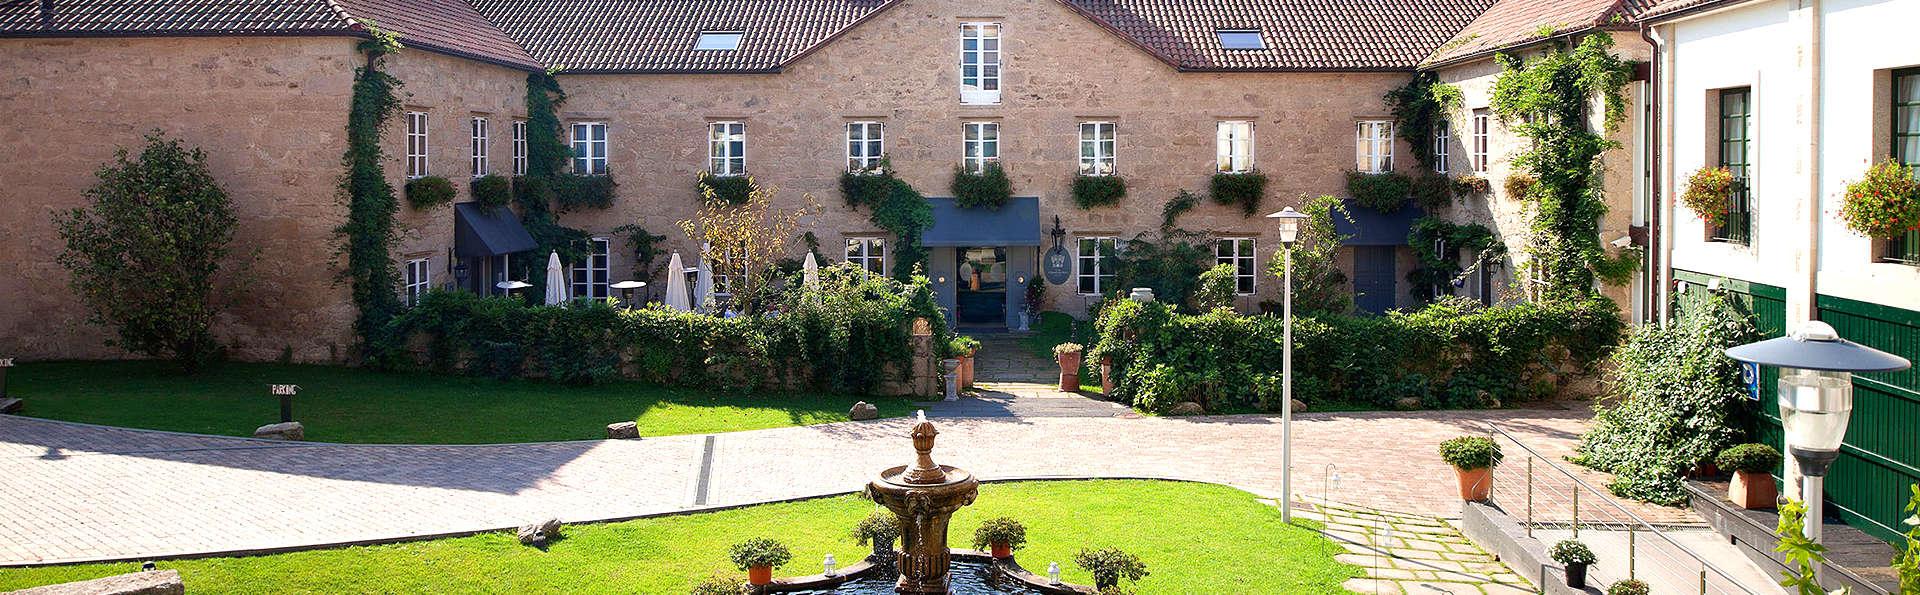 Week-end près de Santiago dans un Hotel Relais & Chateau